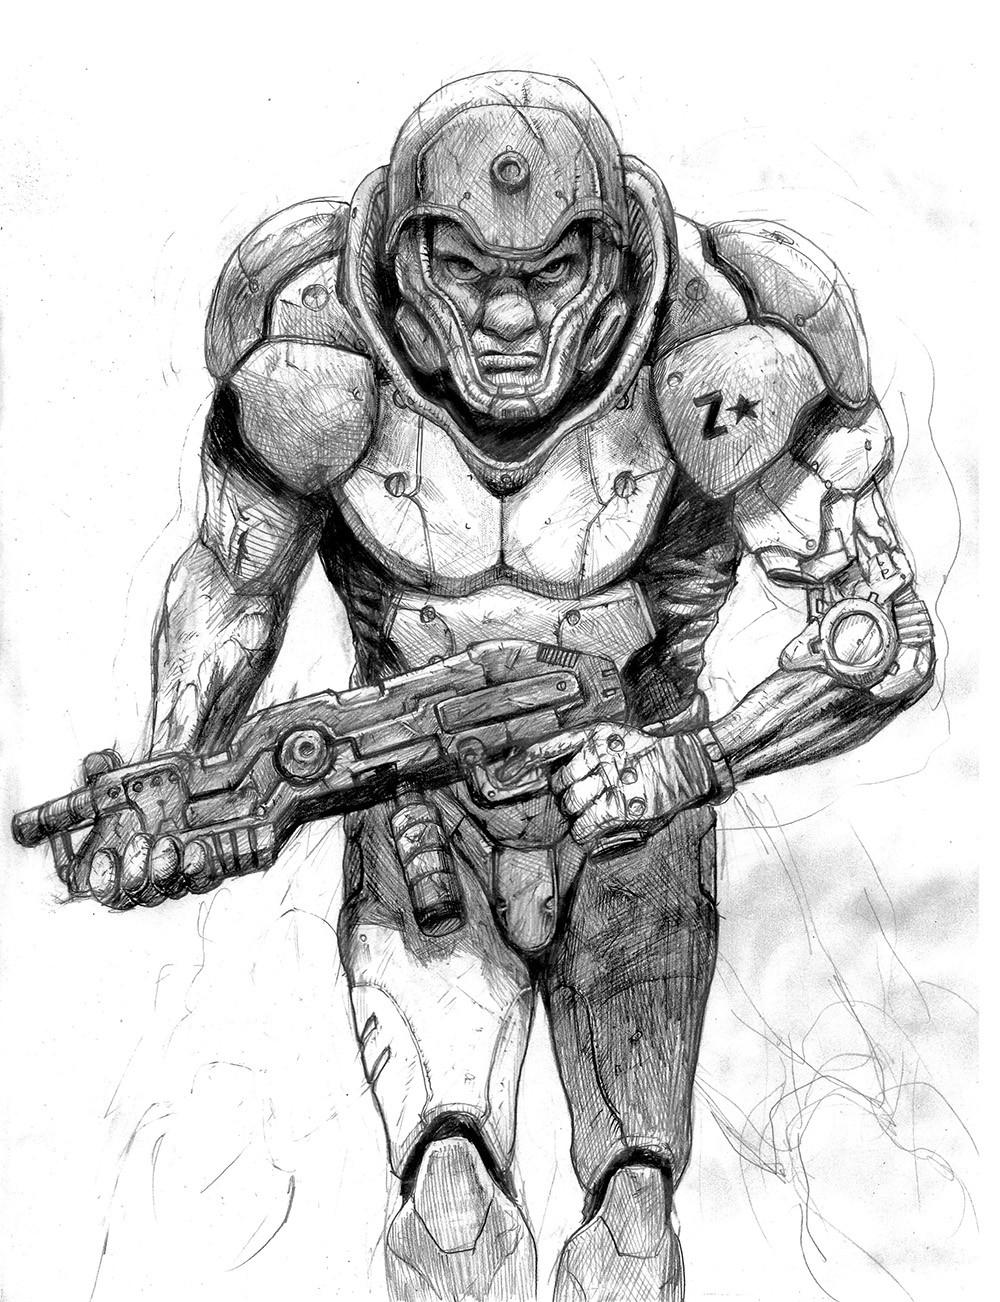 Drawn soldier futuristic Soldier futuristic